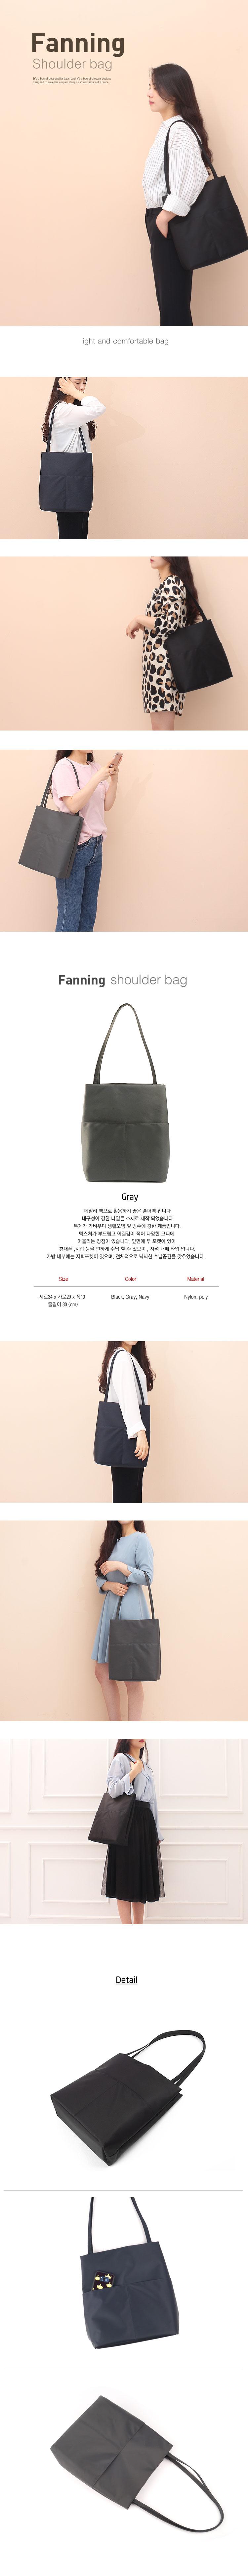 fanning_gray.jpg